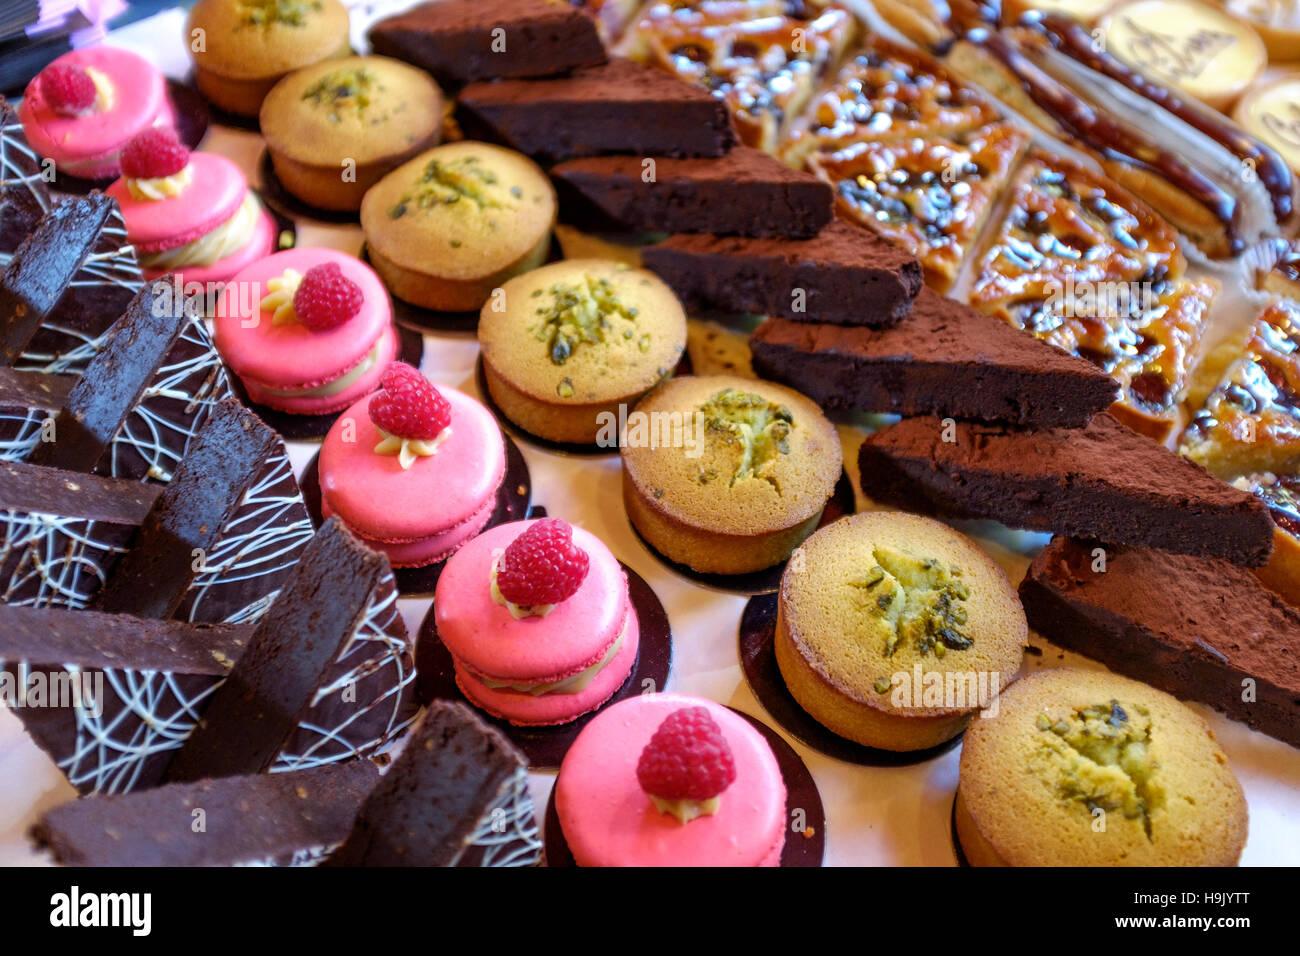 Sélection déserts-cup cakes, macarons framboise, gâteau au chocolat Photo Stock